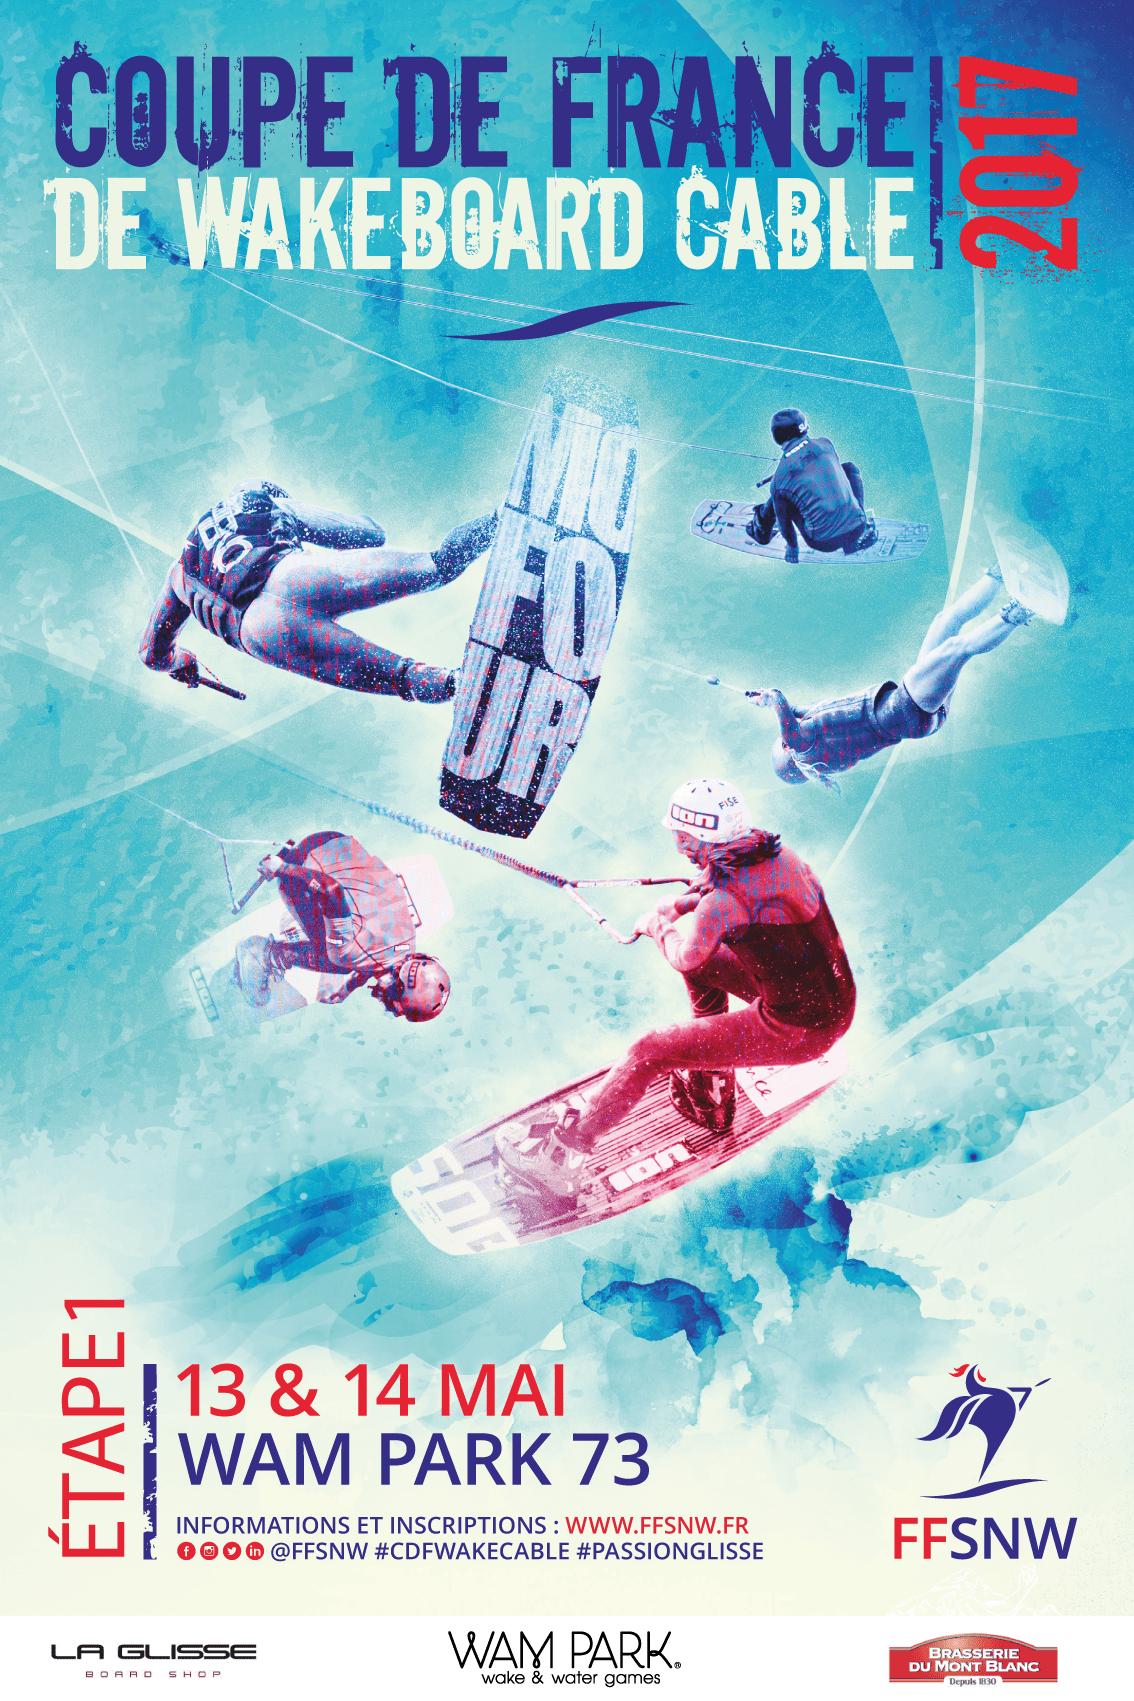 coupe-de-france-wakecable-2017-affiche-40x60-etape1